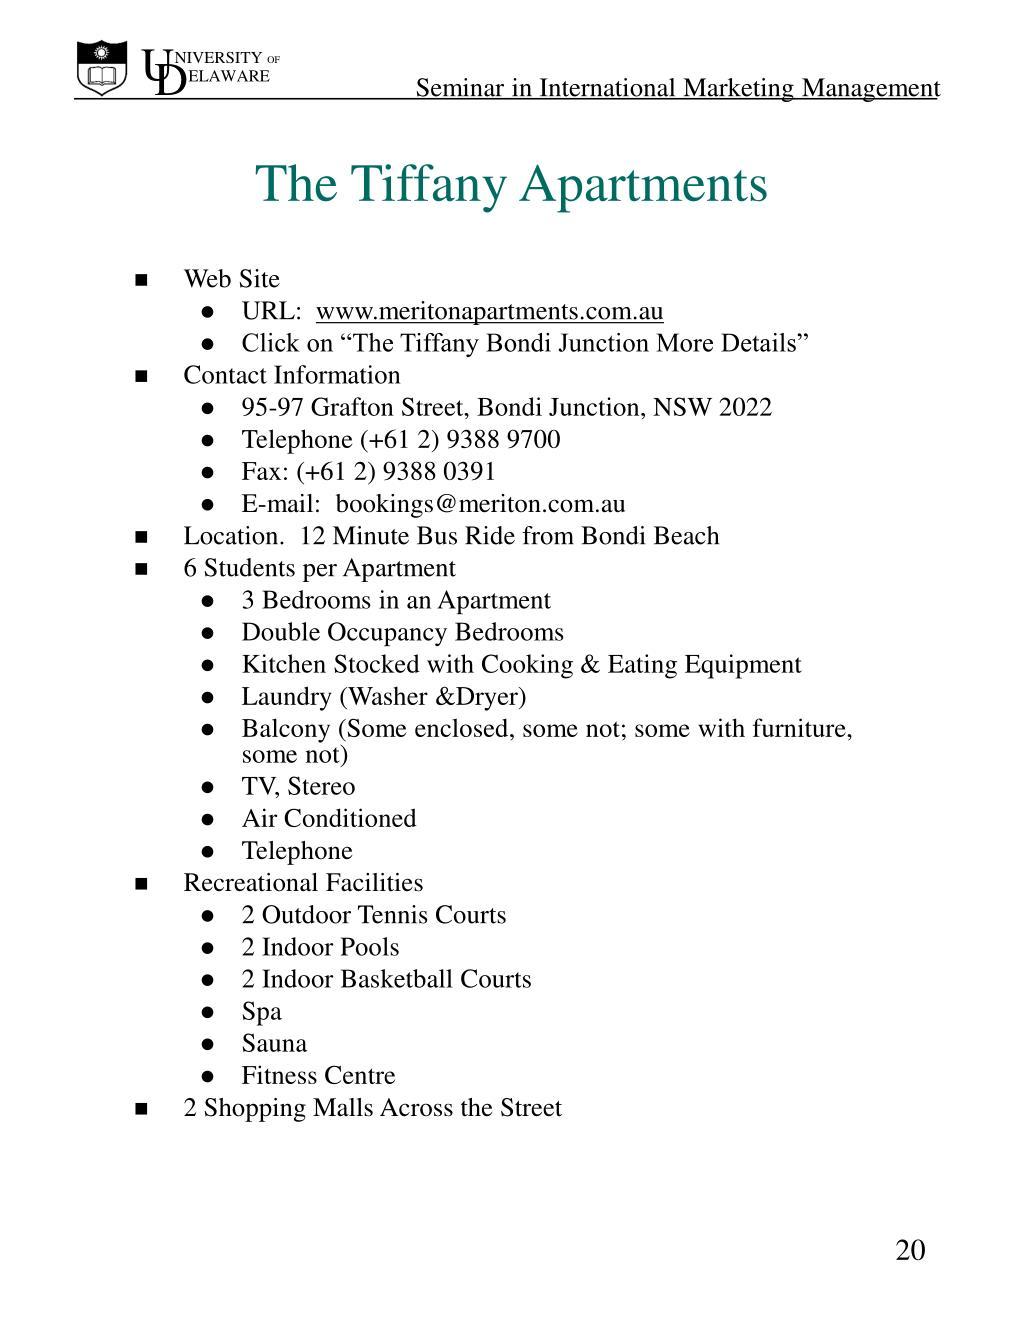 The Tiffany Apartments